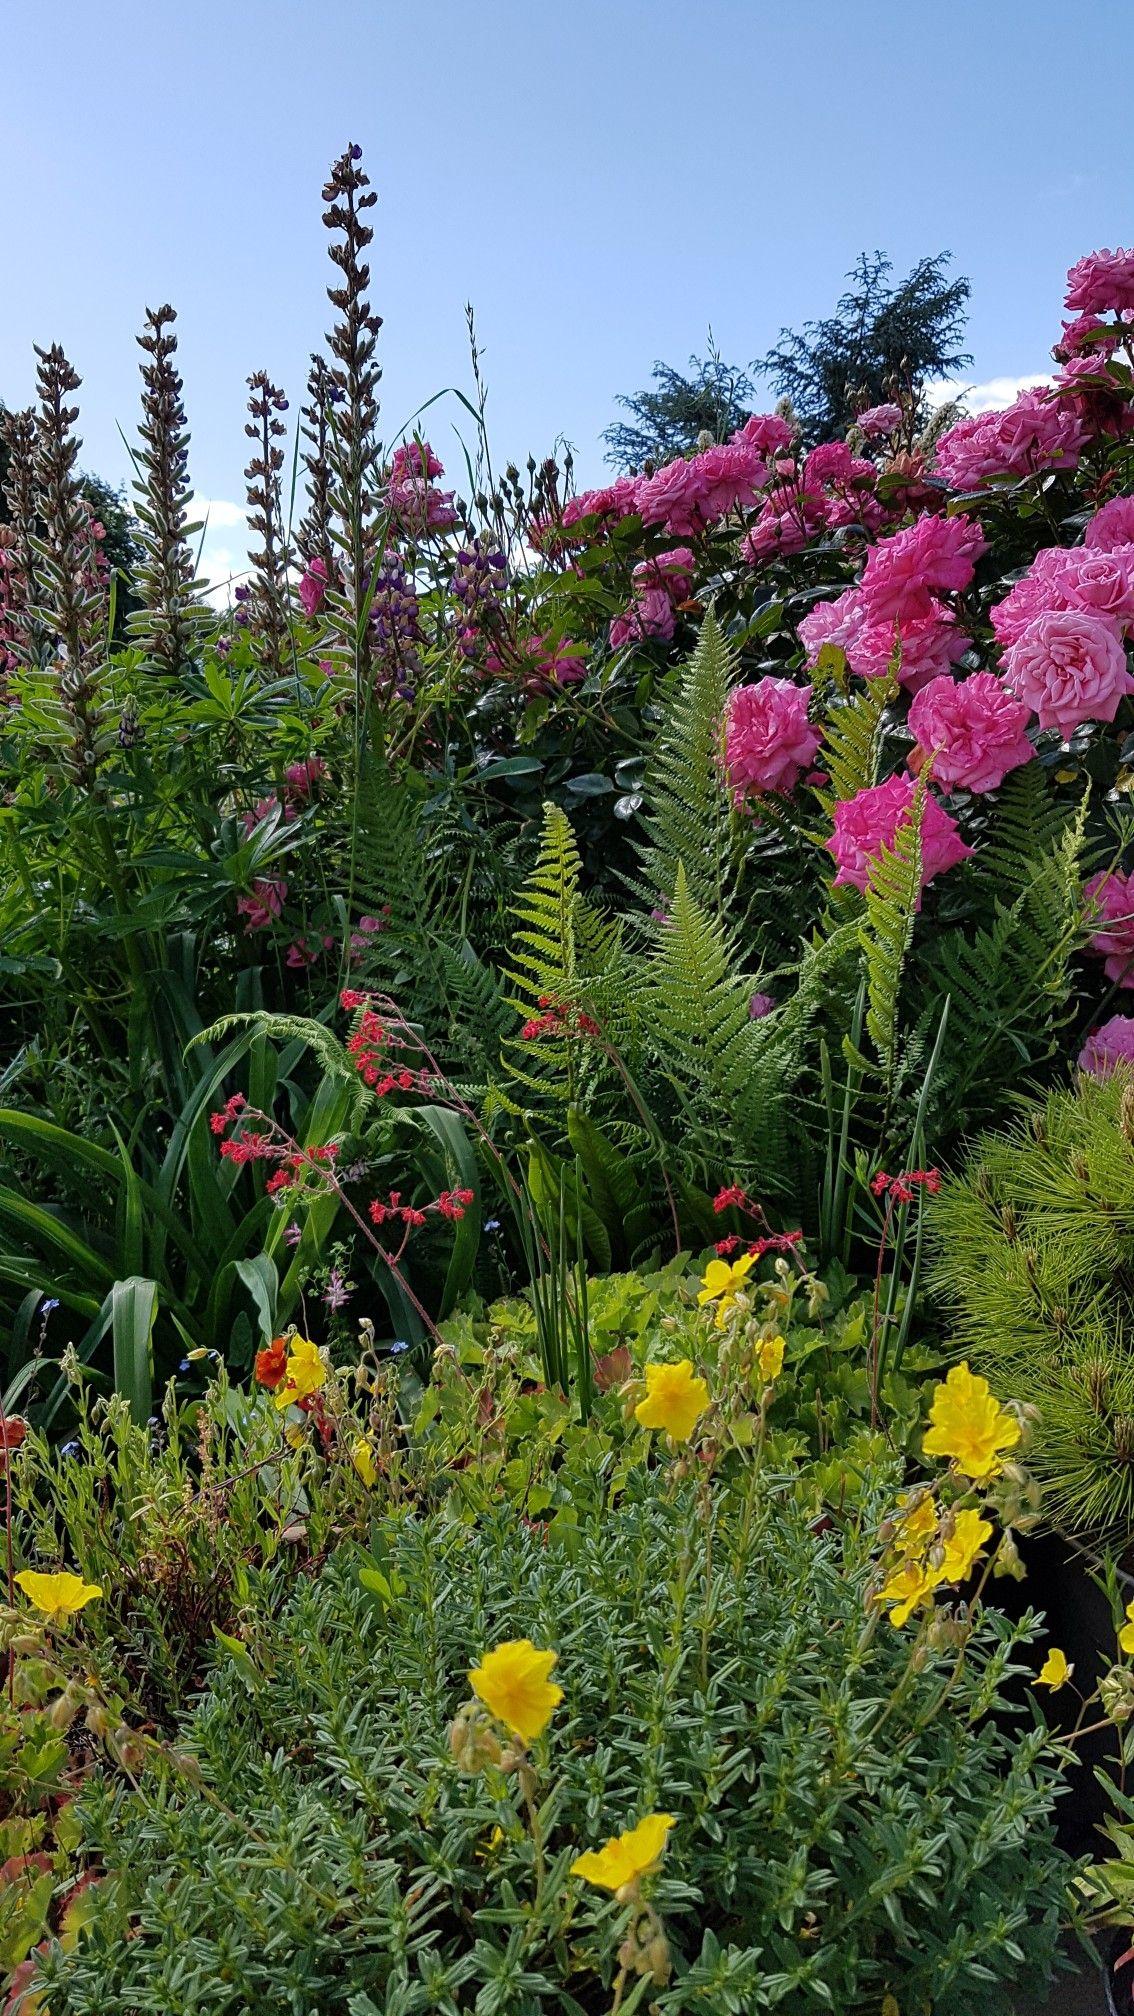 Le Jardin Du Blog Esprit Laita Jardins Idees Jardin Jardinage